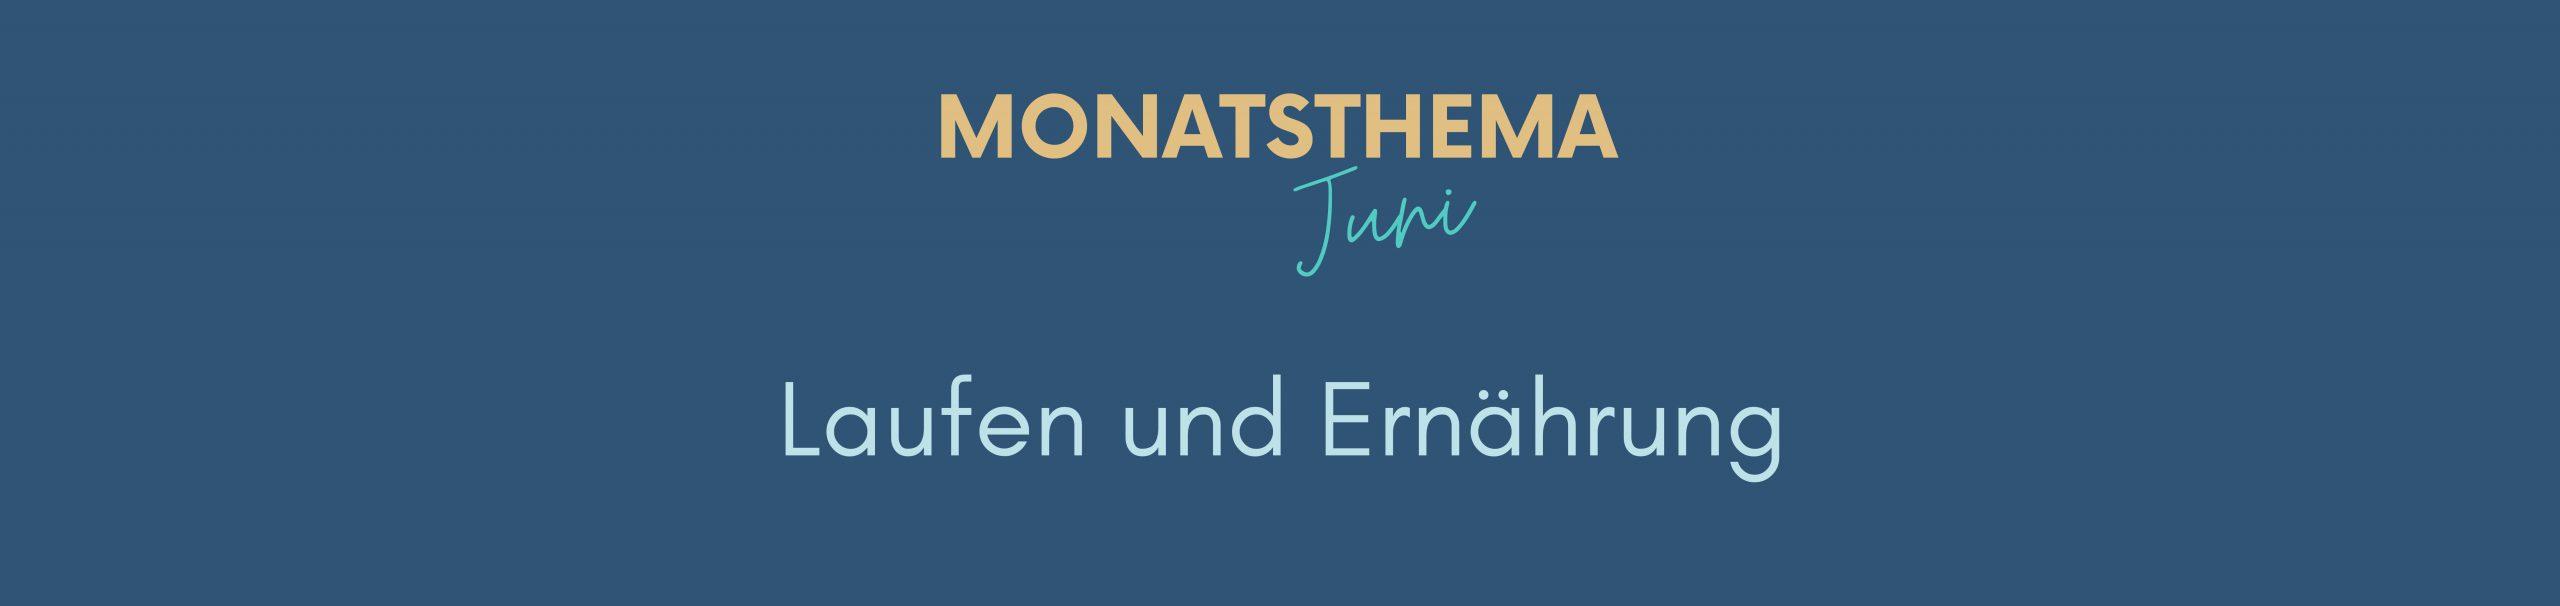 blauer Hintergrund mit Text: Monatsthema Juni, Laufen und Ernährung